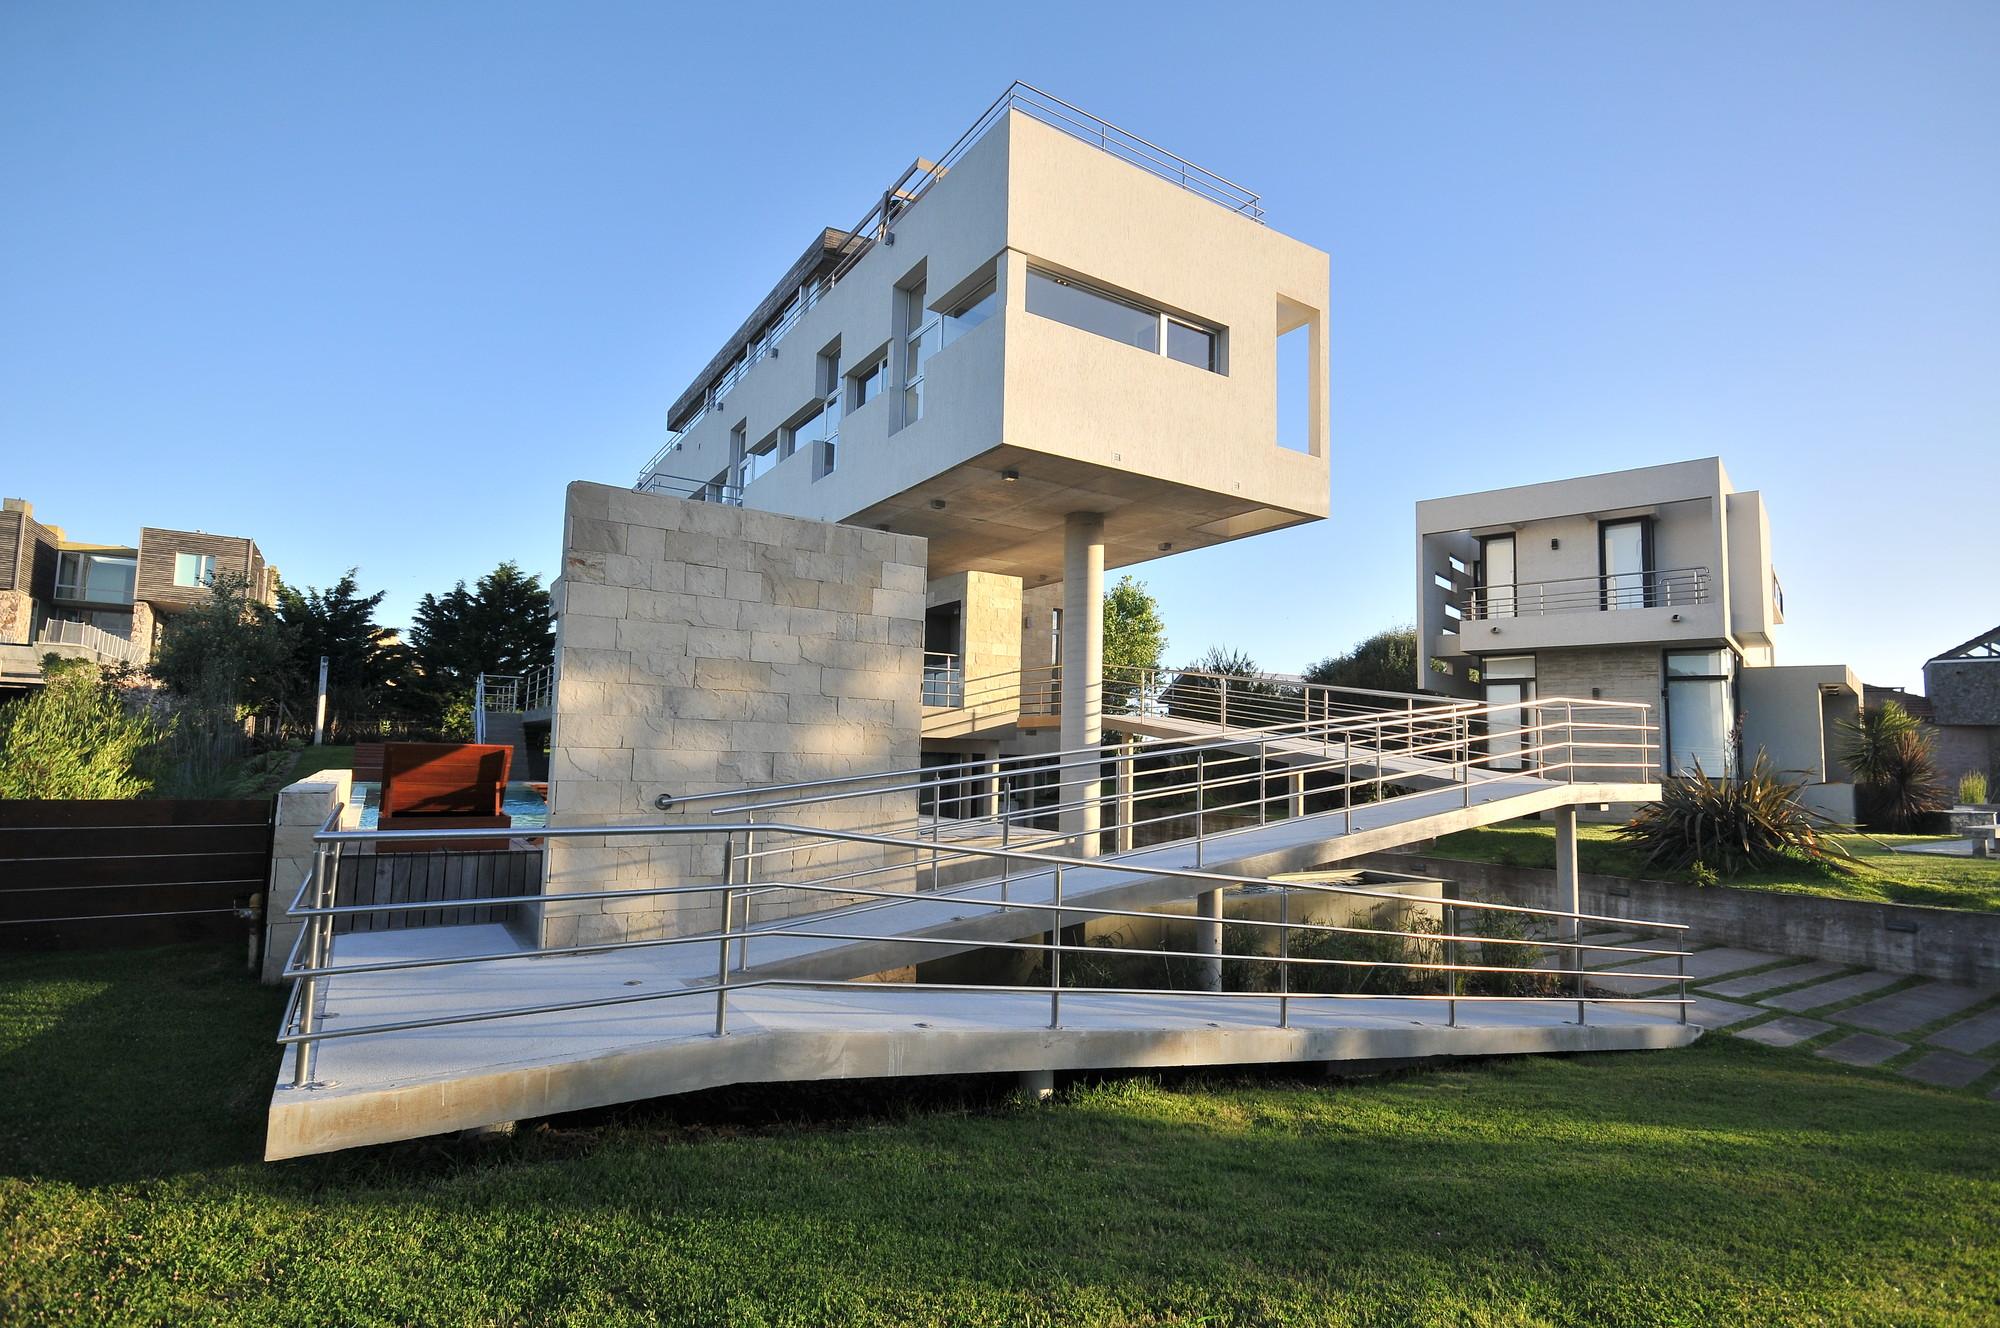 Wanka House / Galera Estudio, © Diego Medina